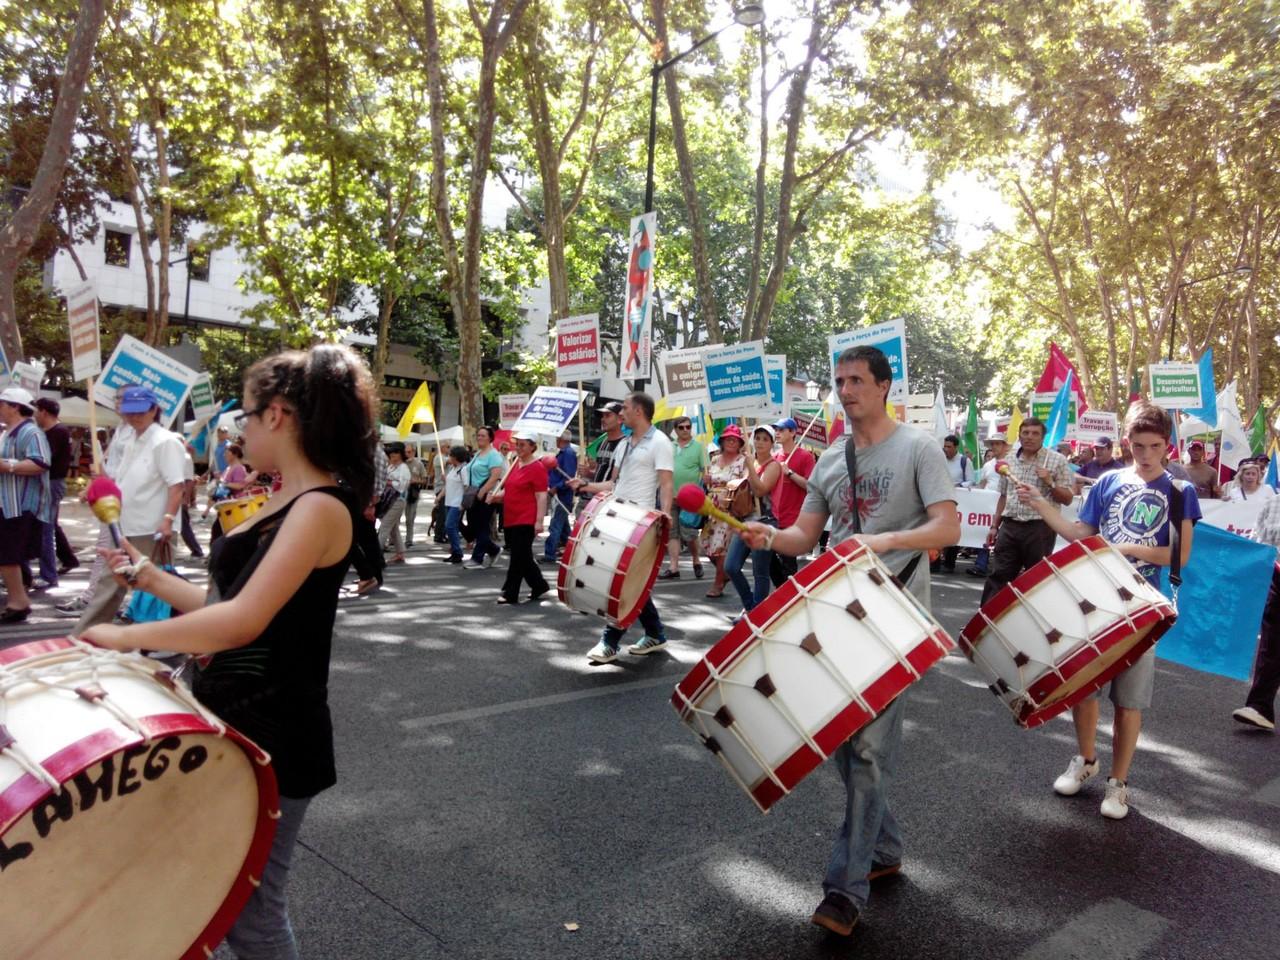 2015-06-06_marcha_Viseu_10